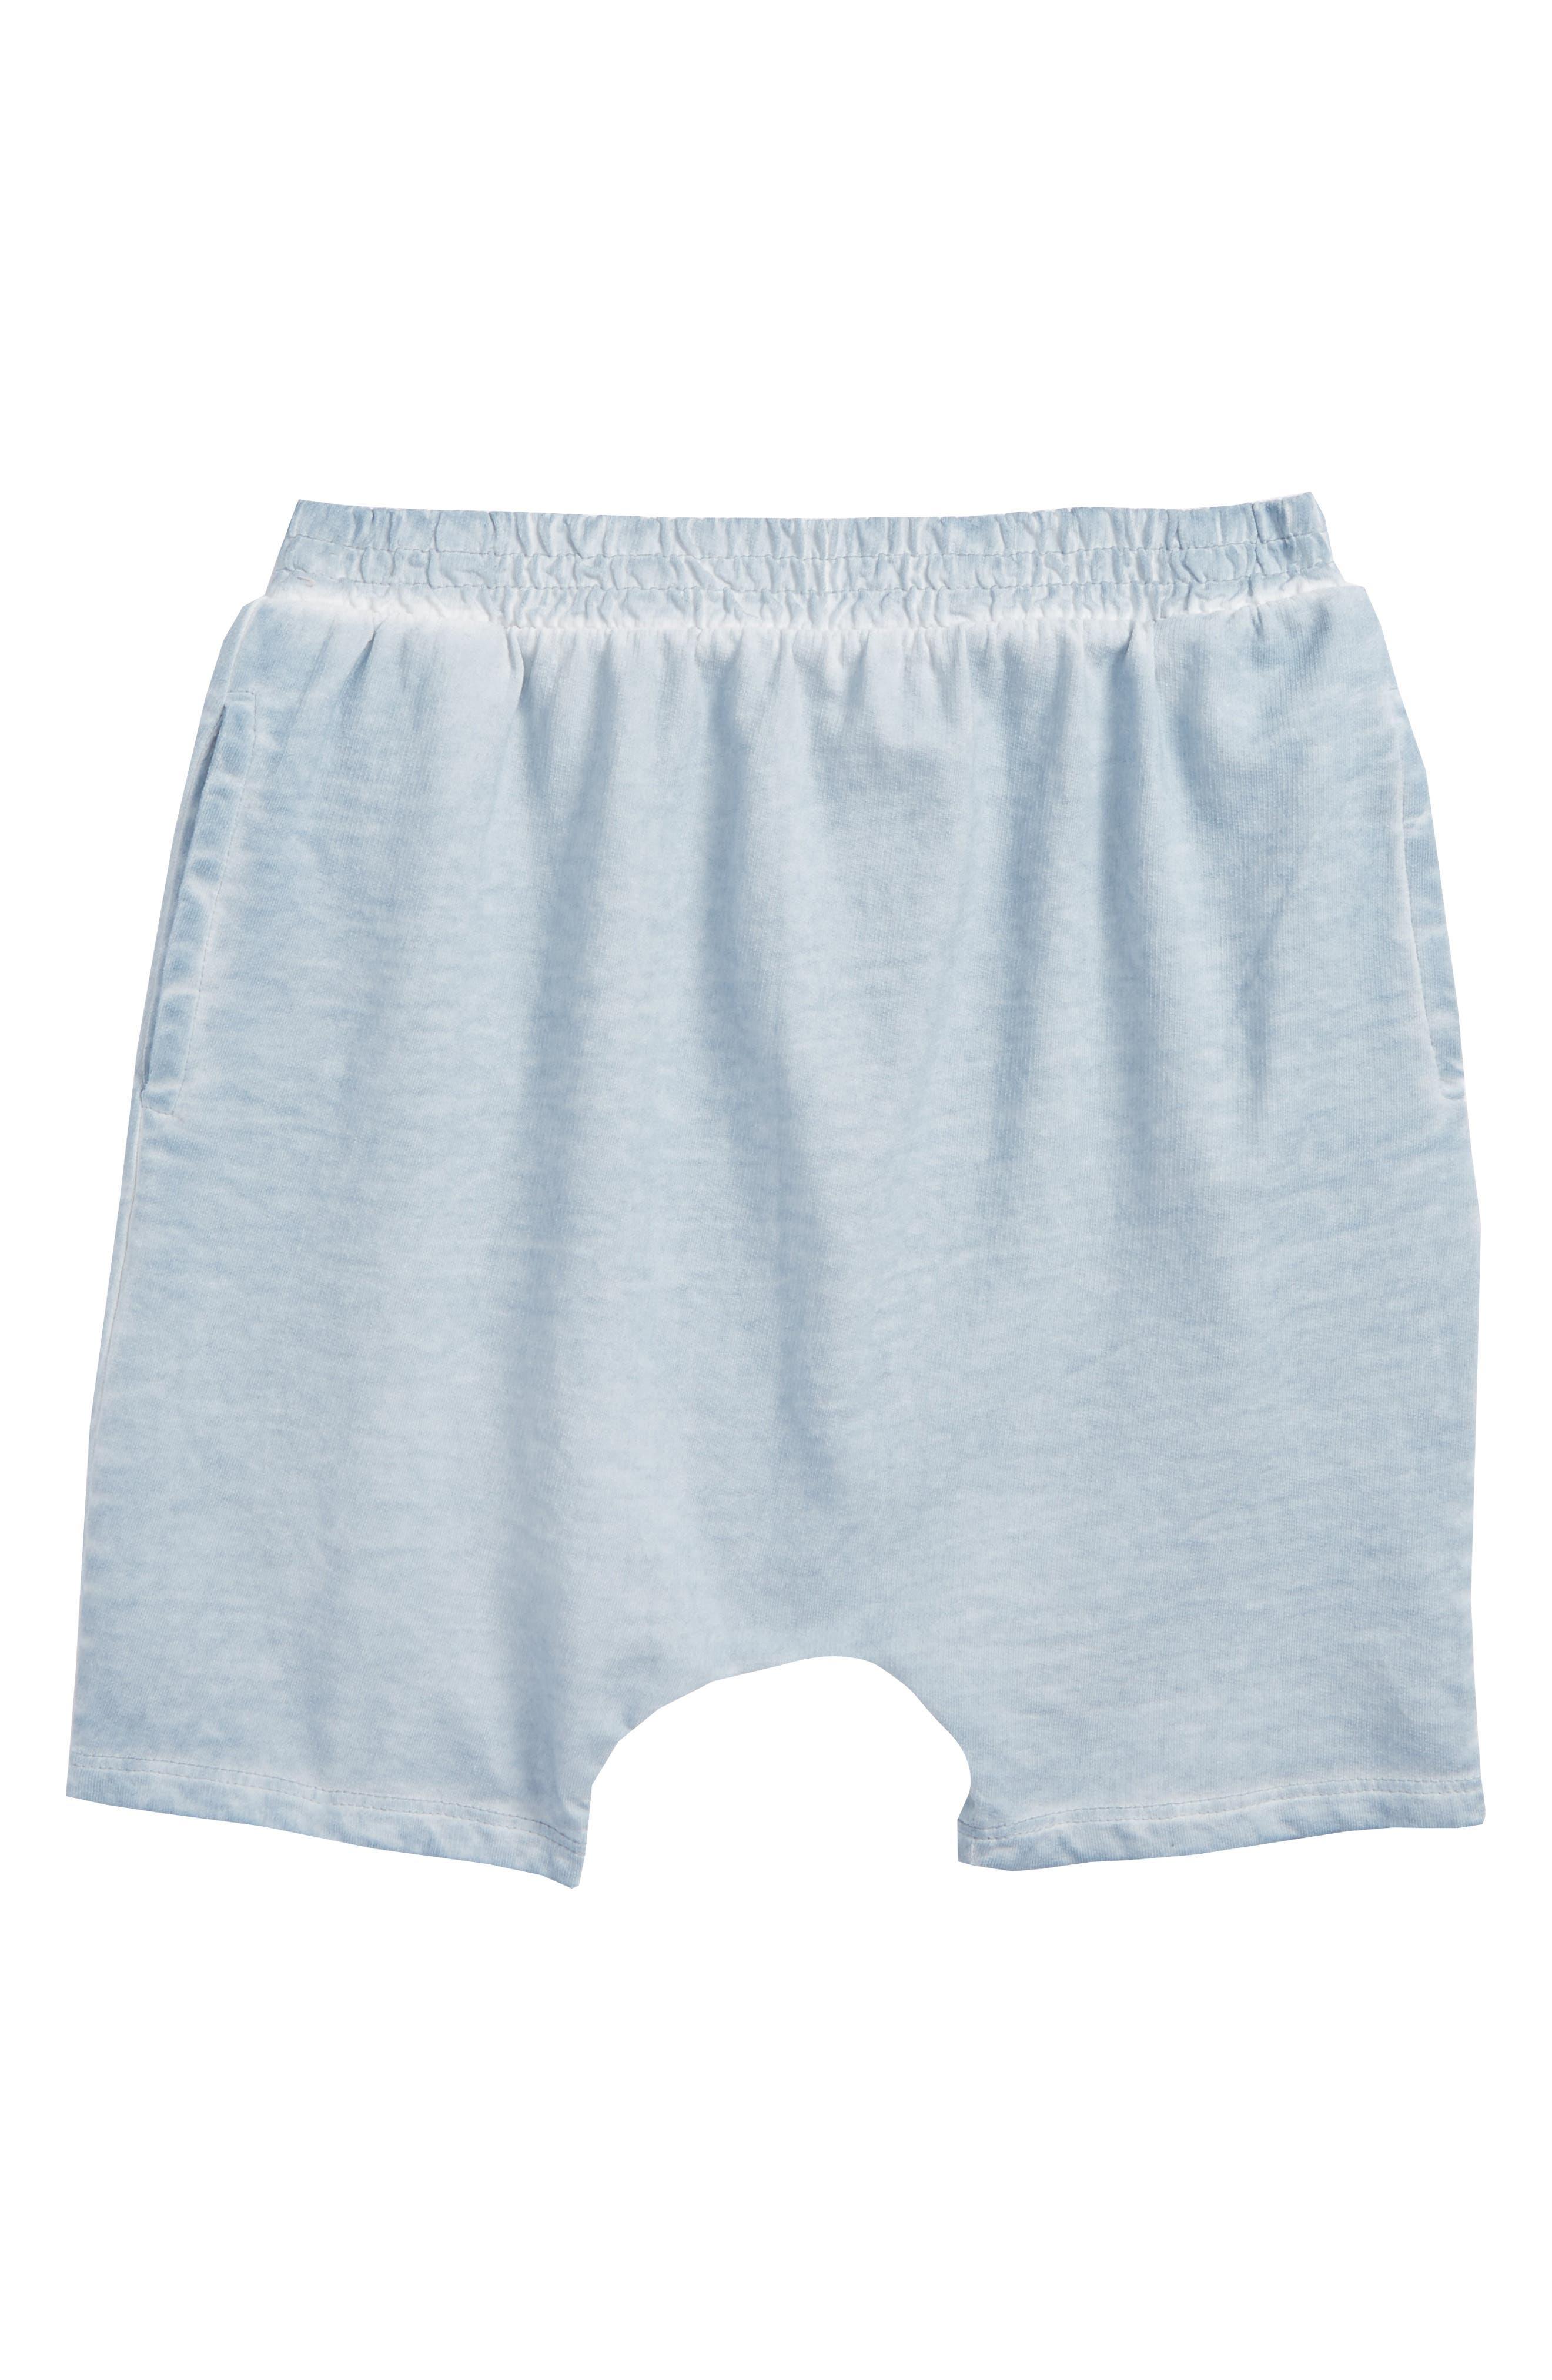 Cotton Shorts,                         Main,                         color, 450